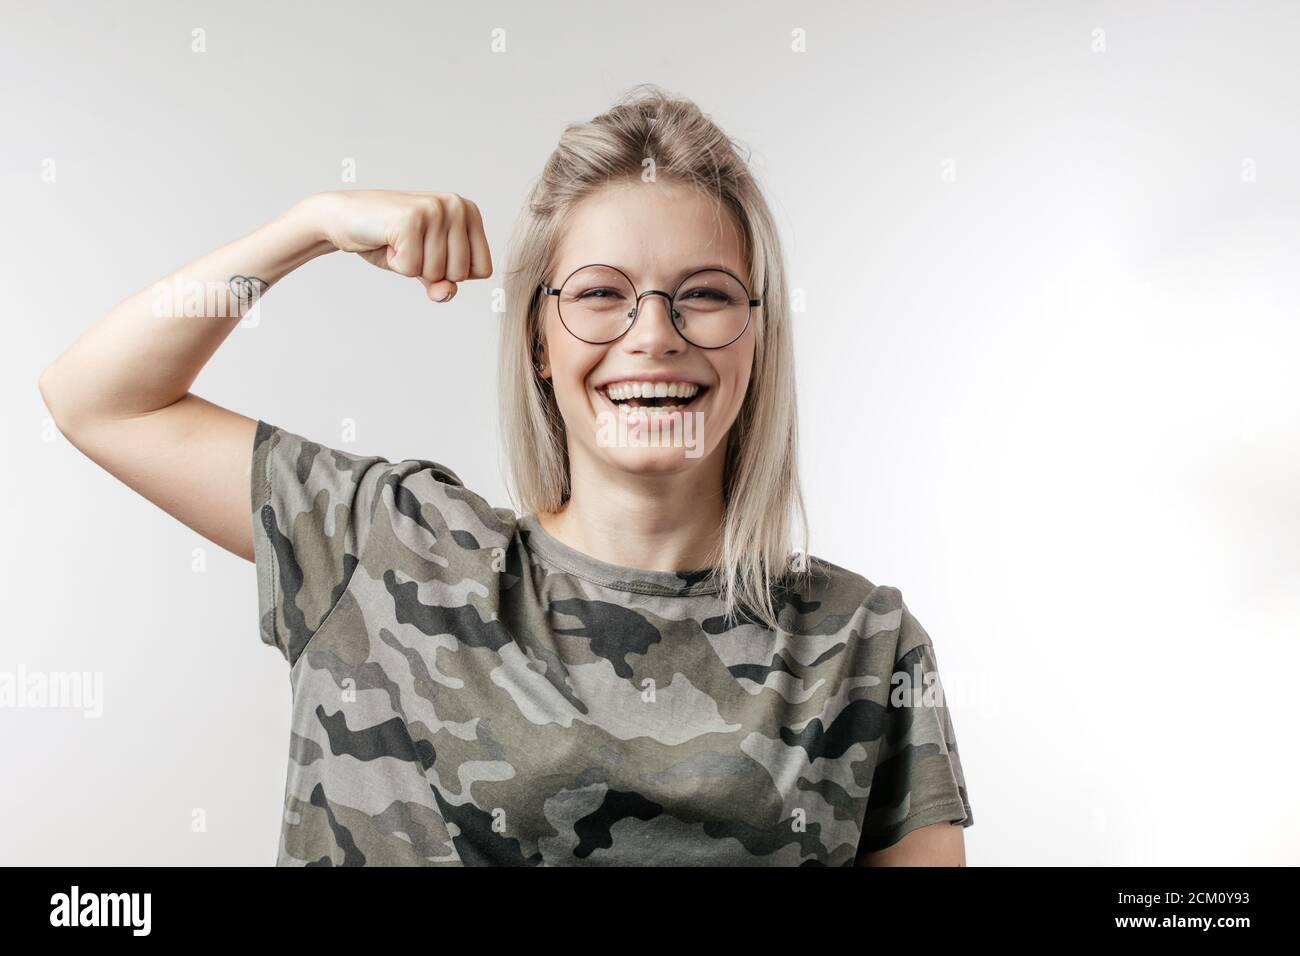 Schönes Mädchen in orange Tanktop und Jeans Shorts biegen Bizeps und Blick in die Kamera Lächeln. Drei Viertel Länge Studio auf lila Hintergrund gedreht Stockfoto